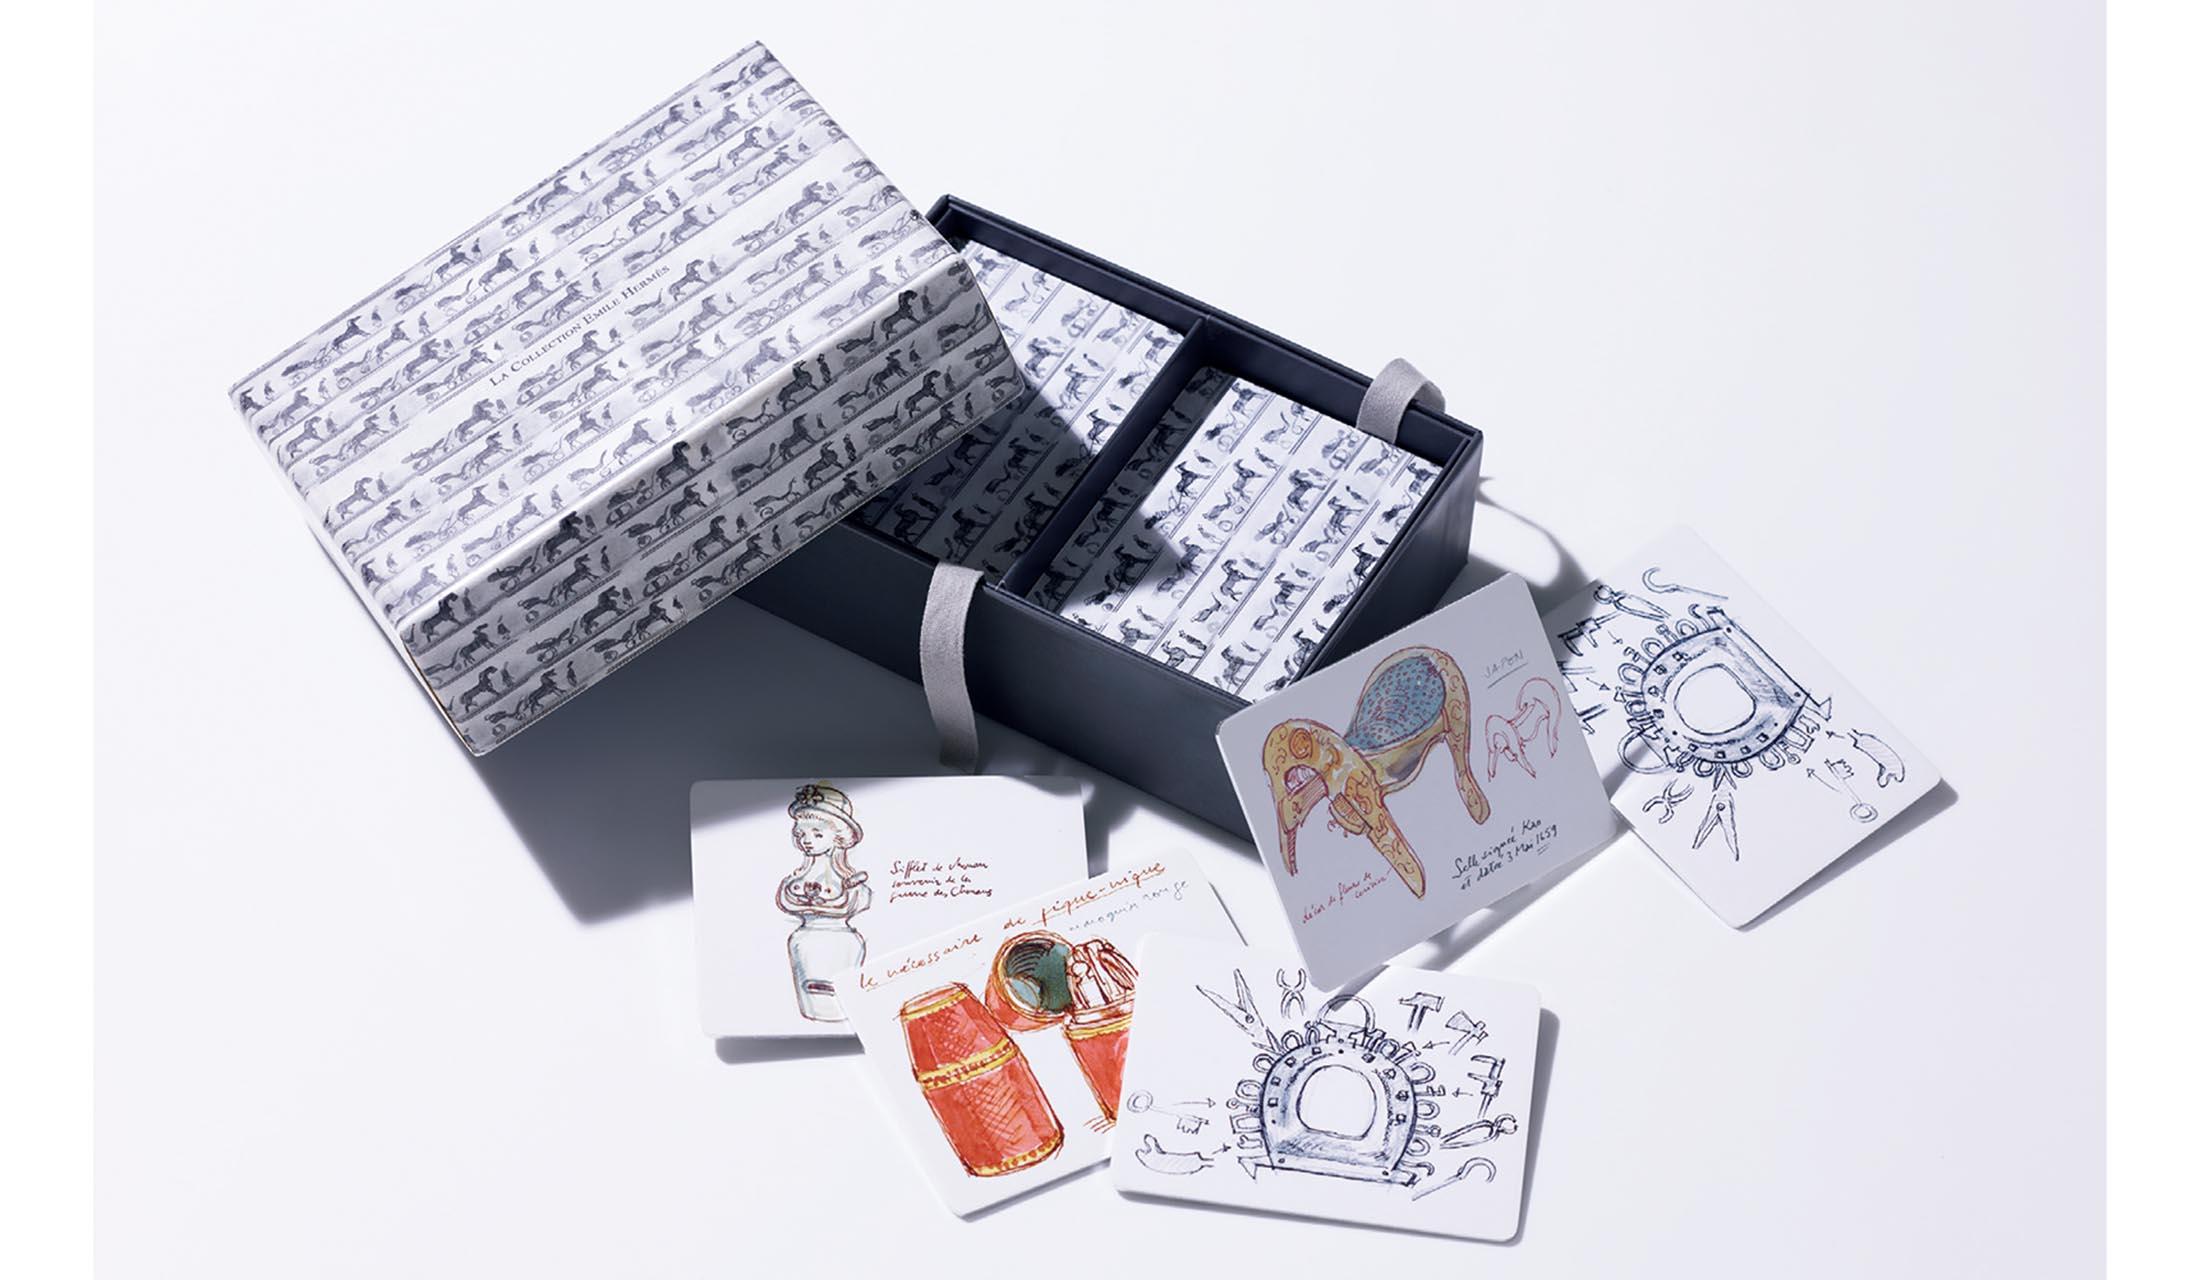 エルメスのカードゲーム「メモリー」